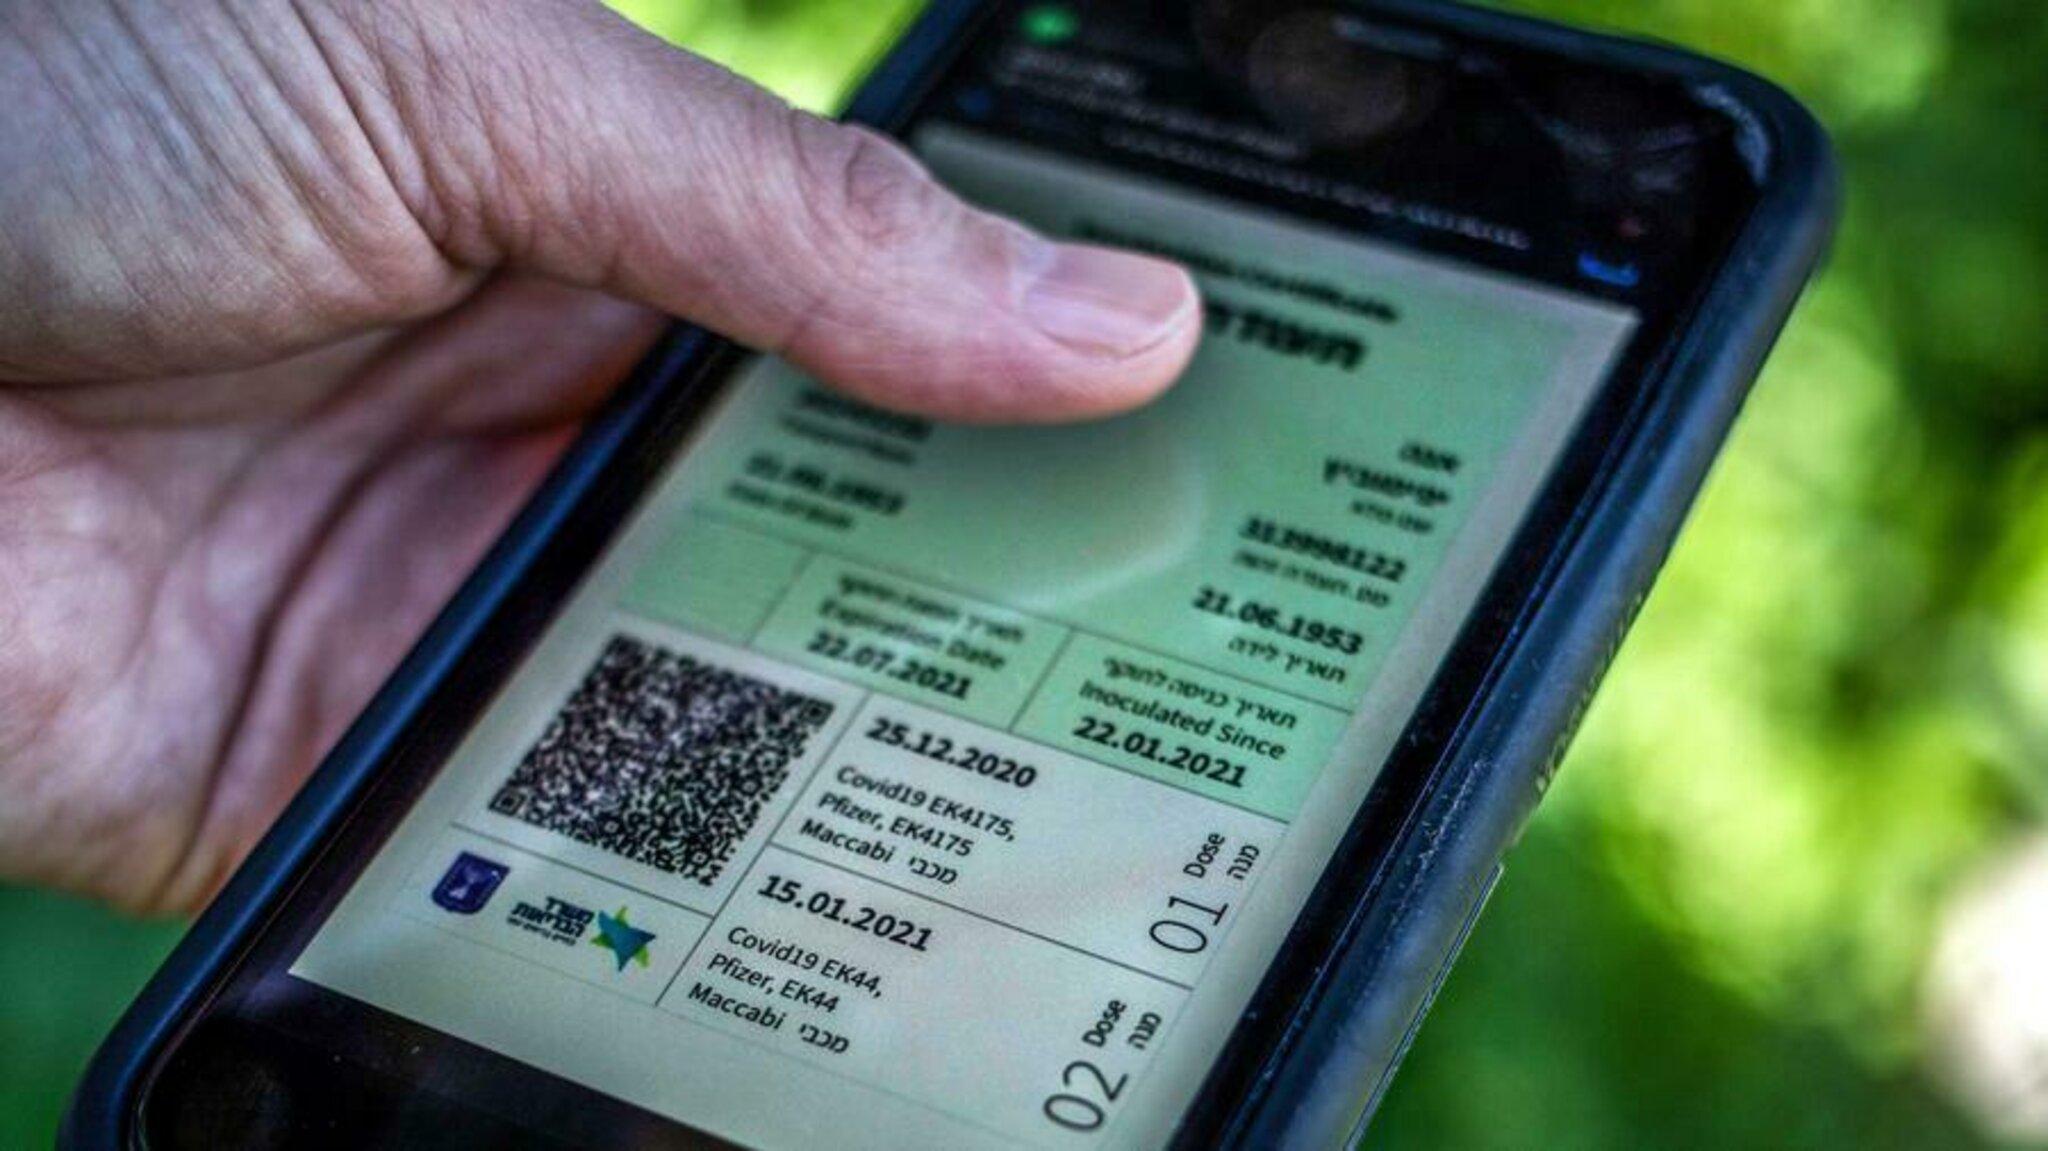 Digitaler Grüner Pass mit QR-Code startet verspätet   trend.at